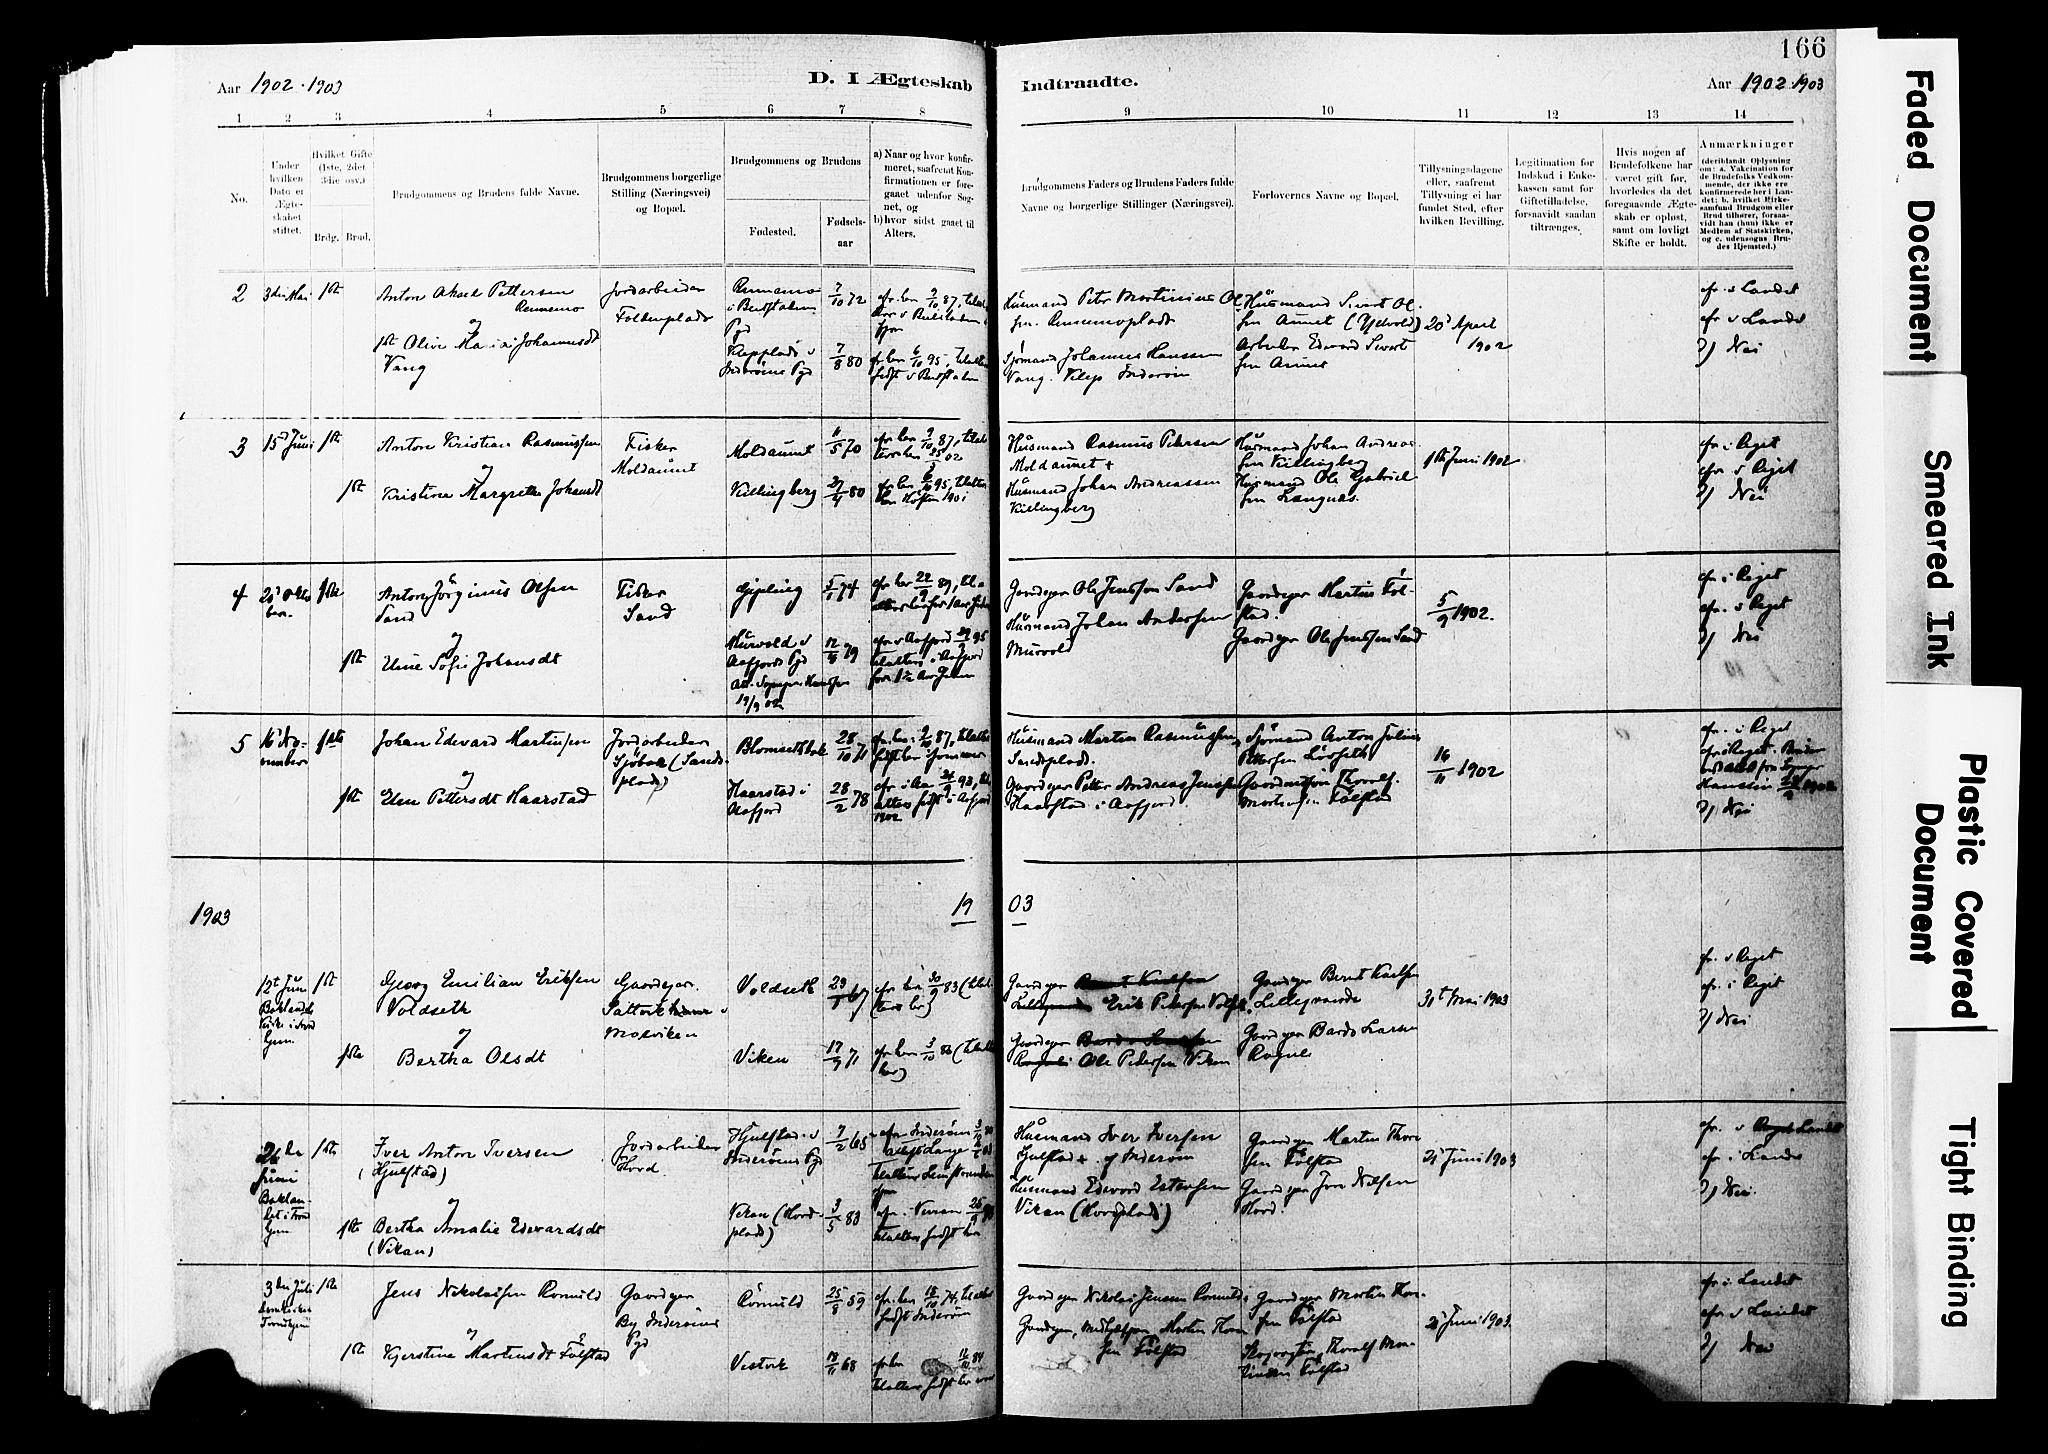 SAT, Ministerialprotokoller, klokkerbøker og fødselsregistre - Nord-Trøndelag, 744/L0420: Ministerialbok nr. 744A04, 1882-1904, s. 166